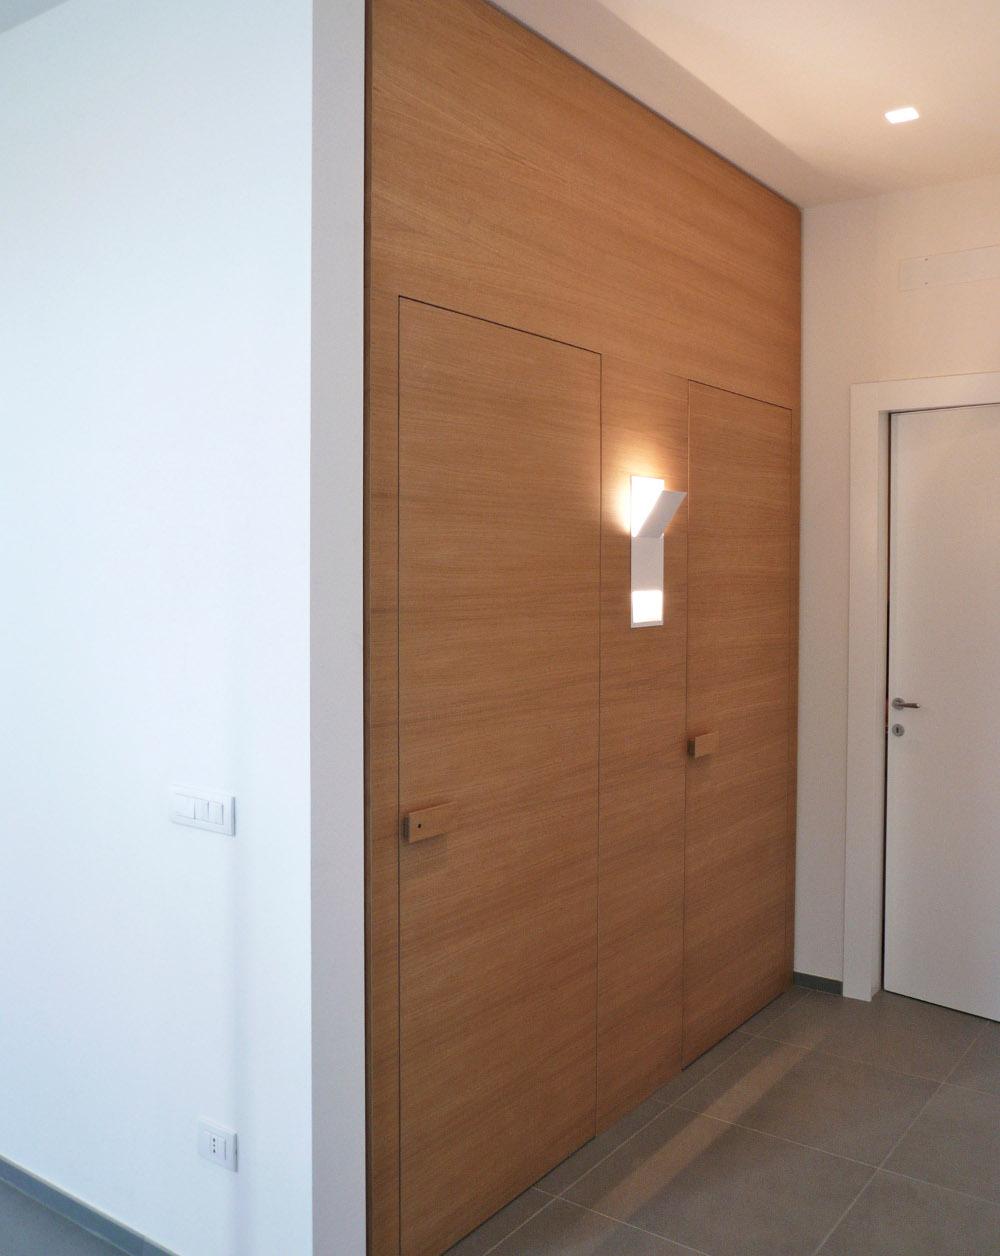 Bettoli arredi e pavimenti porte arredo bettoli arredi e for Boiserie in legno ikea